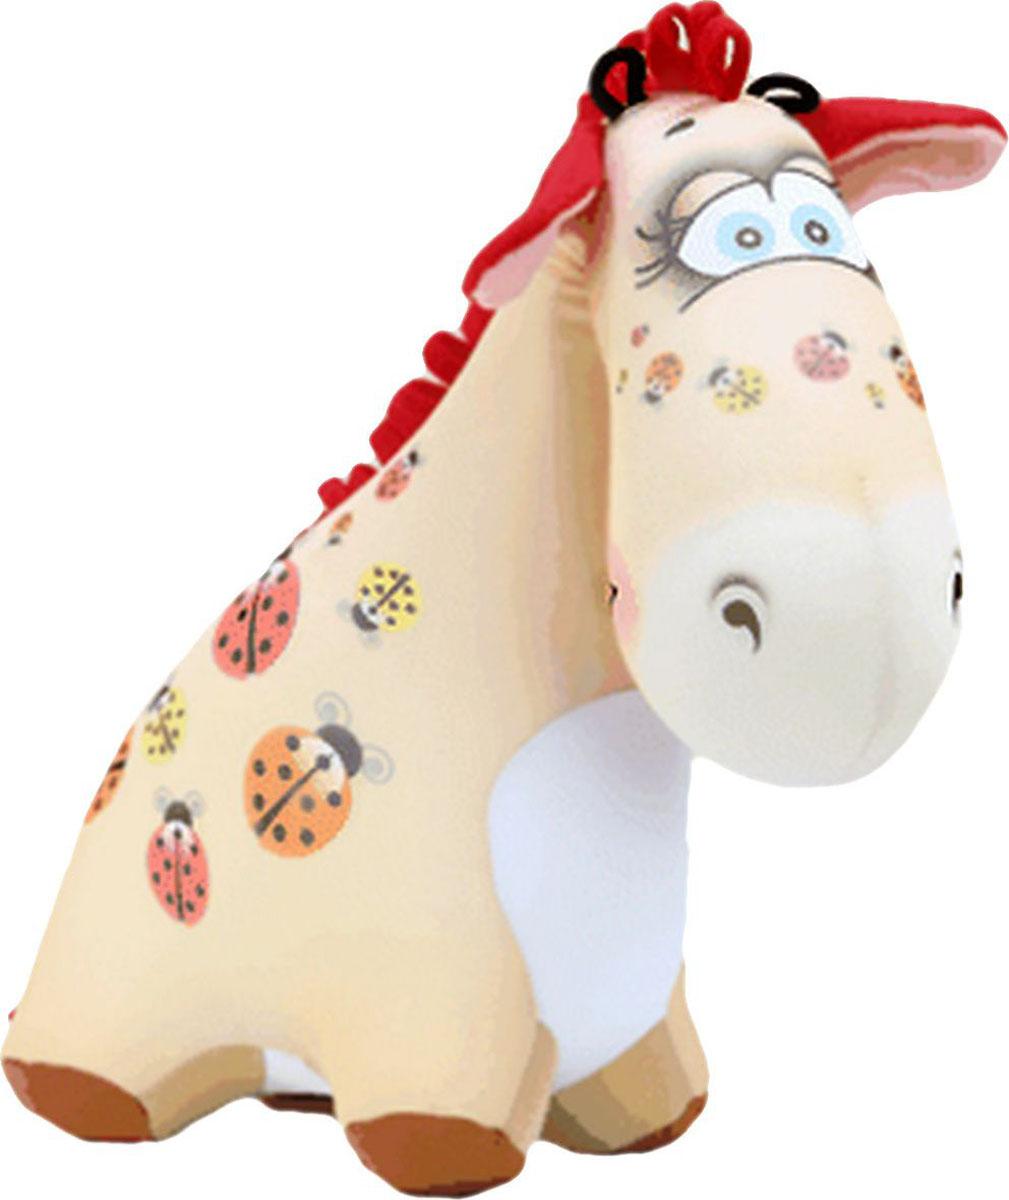 Подушка-игрушка Штучки, к которым тянутся ручки антистрессовая Жираф Жужа, бежевый